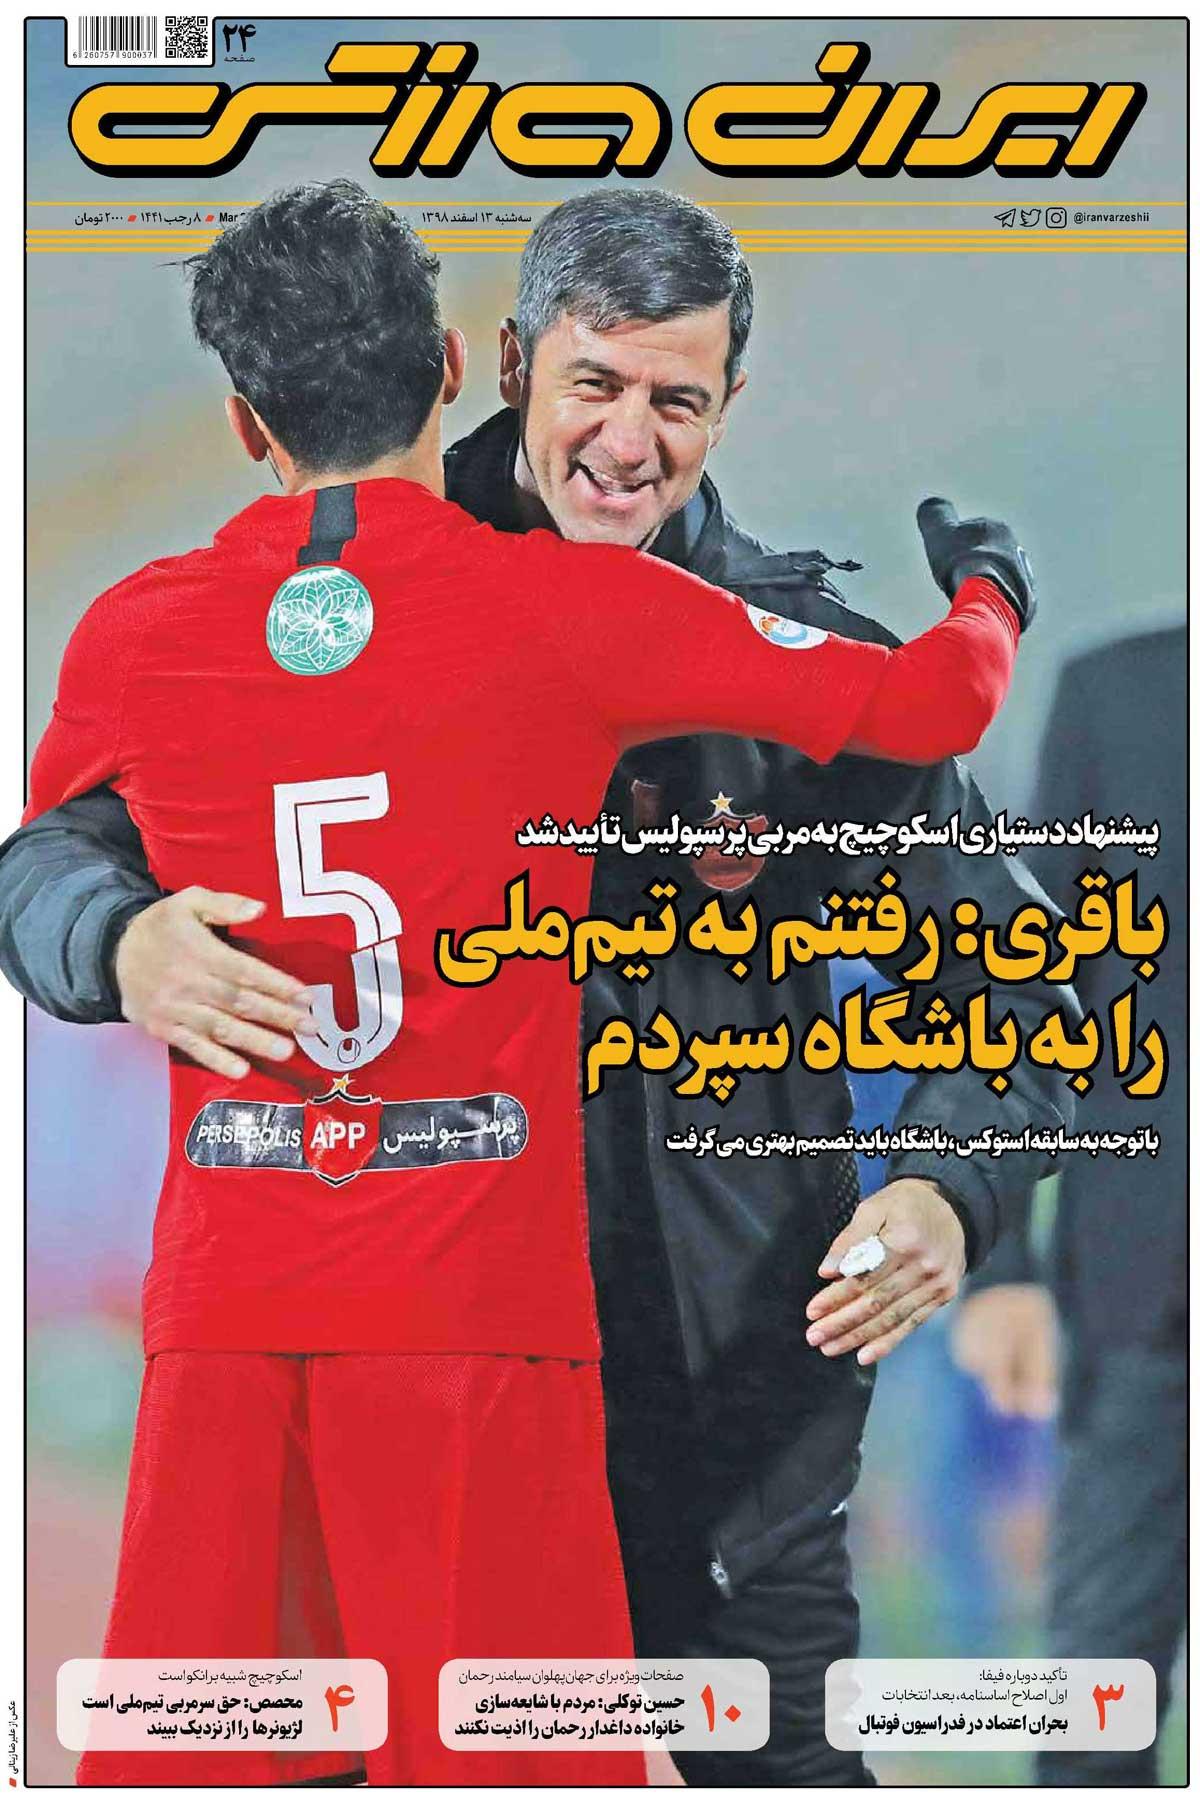 صفحه اول روزنامه ایرانورزشی سهشنبه ۱۳ اسفند ۹۸